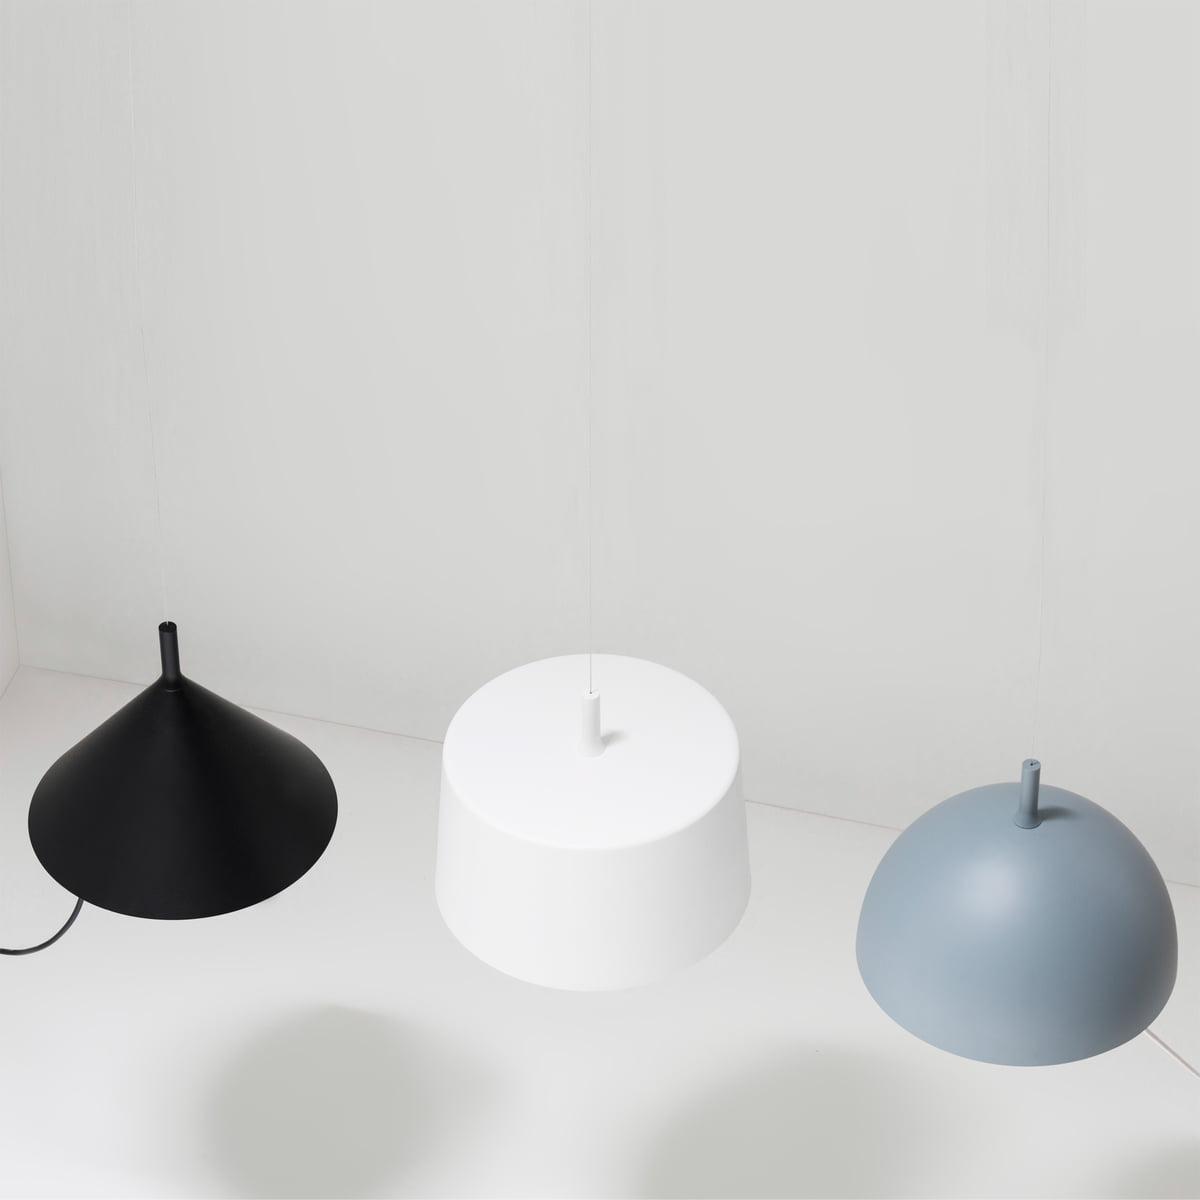 Wstberg nendo pendant lamp sphere w132s3 wstberg nendo pendant lamps w132s trio top view geotapseo Gallery